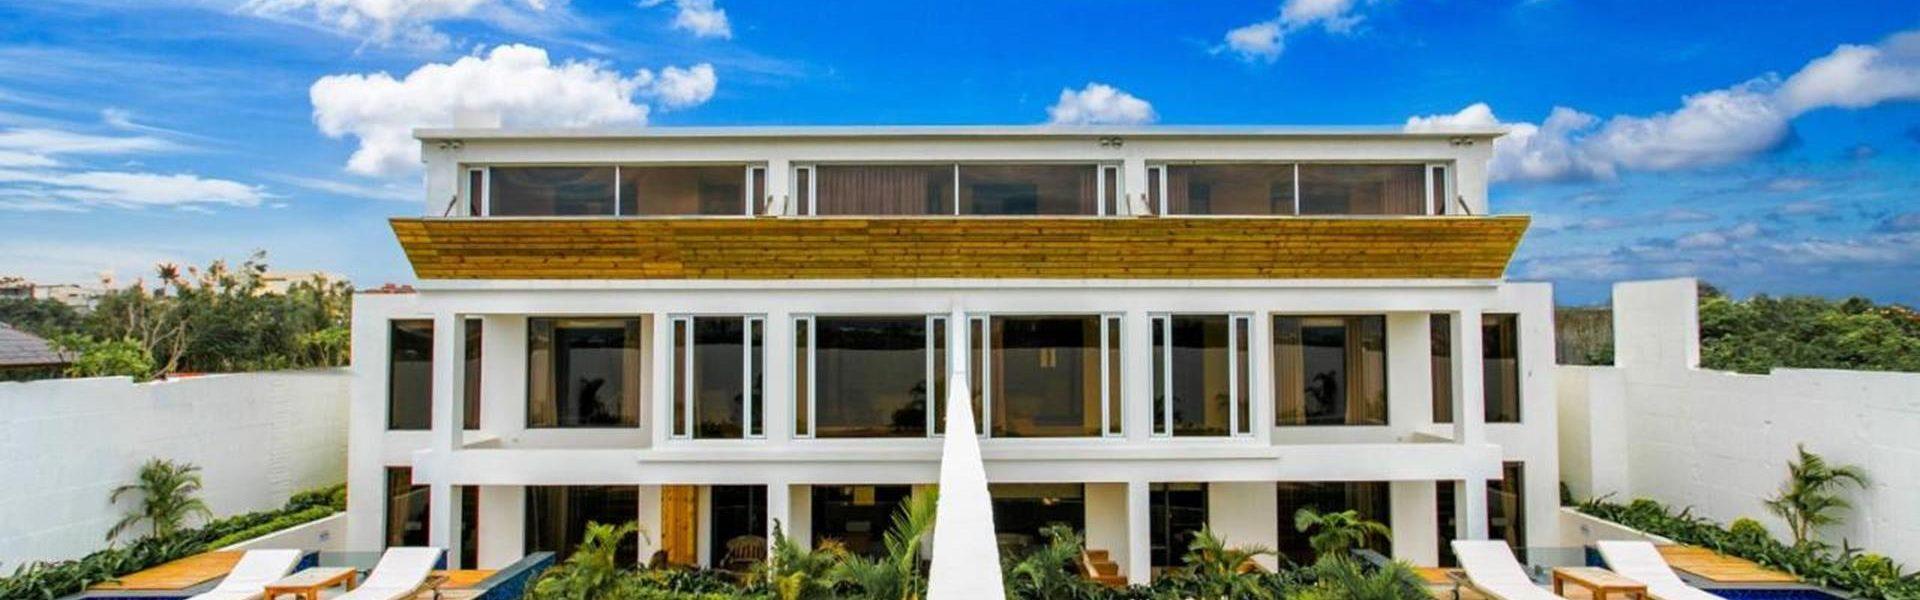 【墾丁包棟住宿】設備齊全、管家貼心、團體熱搜的墾丁包棟 Villa推薦